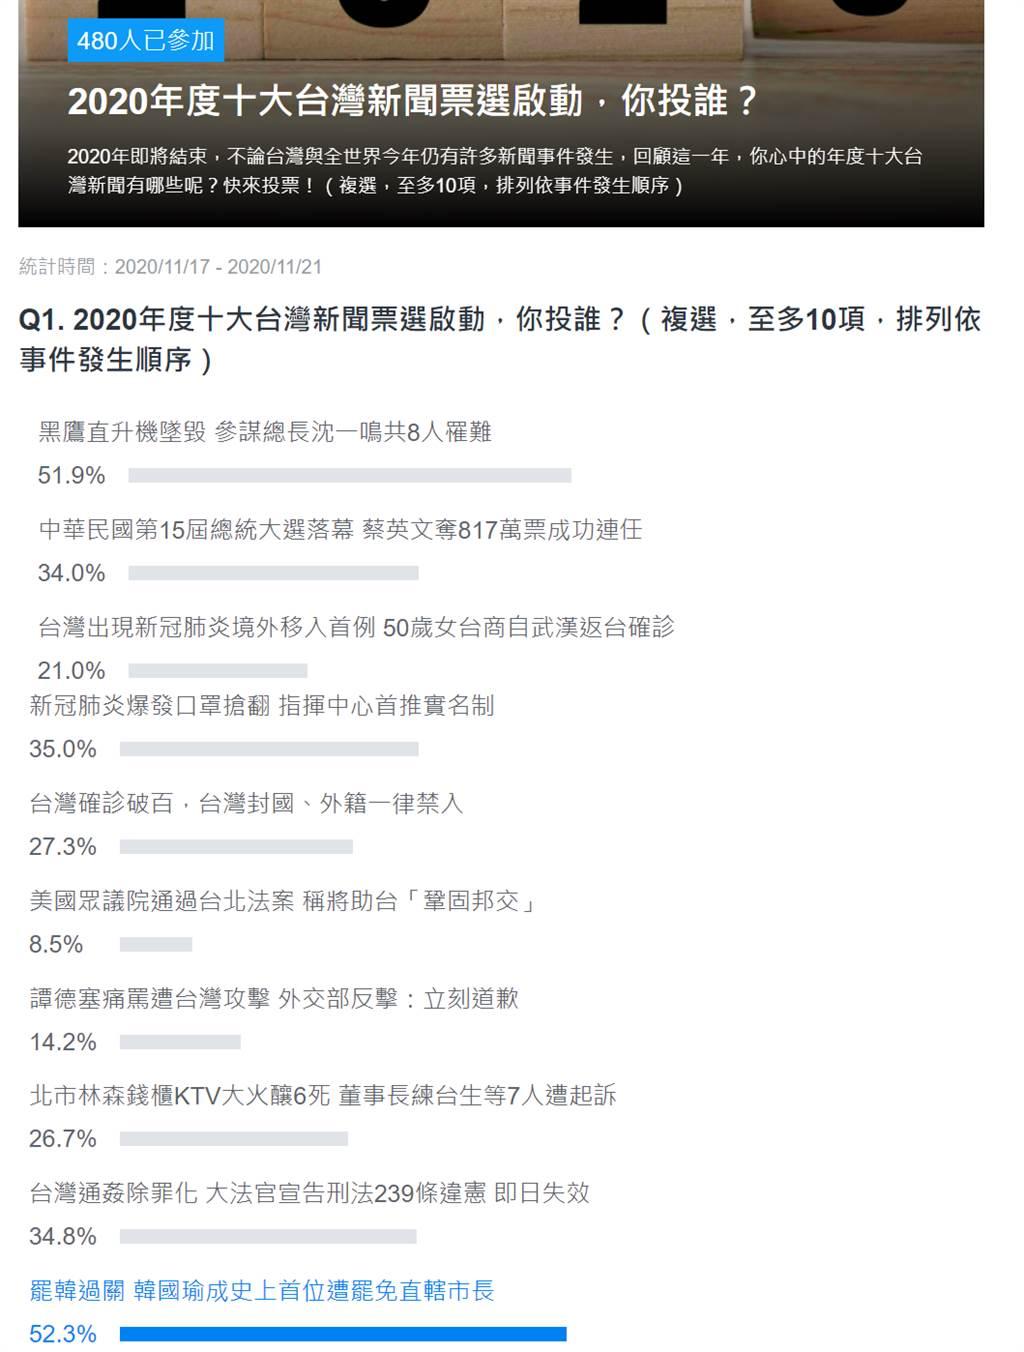 2020台灣十大新聞排行出爐 第一名竟創下驚人紀錄。(圖/翻攝自 雅虎投票網站)